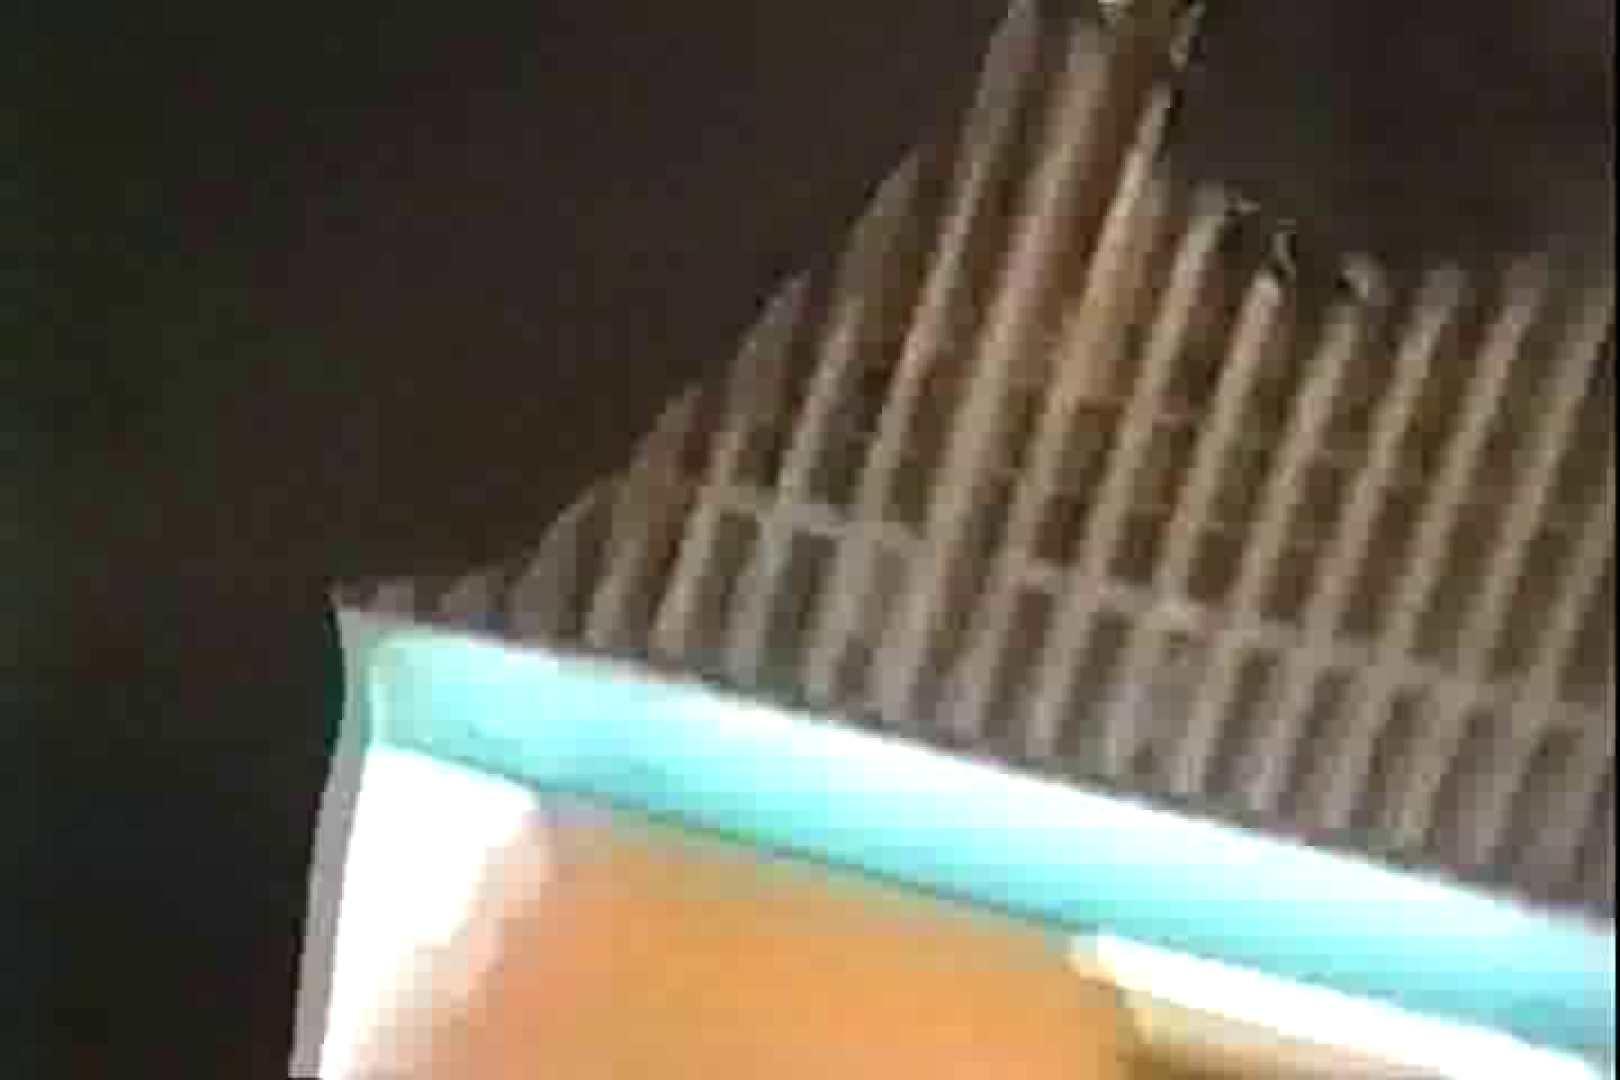 「ちくりん」さんのオリジナル未編集パンチラVol.6_01 美しいOLの裸体 AV無料動画キャプチャ 95pic 77